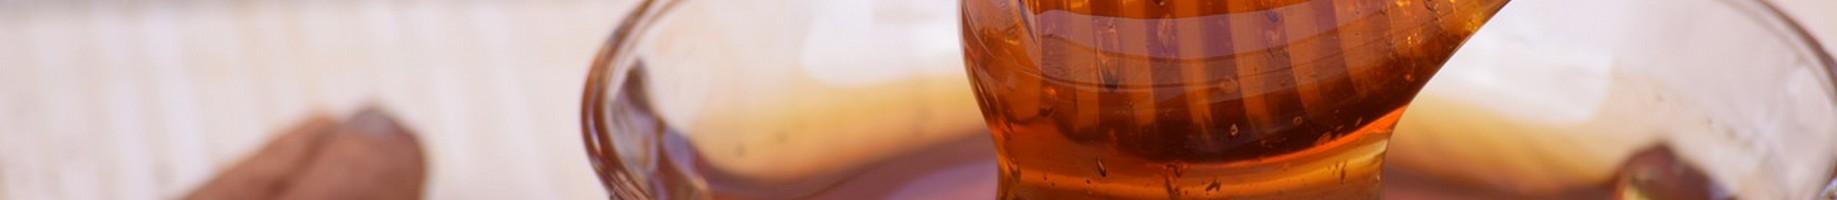 honey-2542952_1280